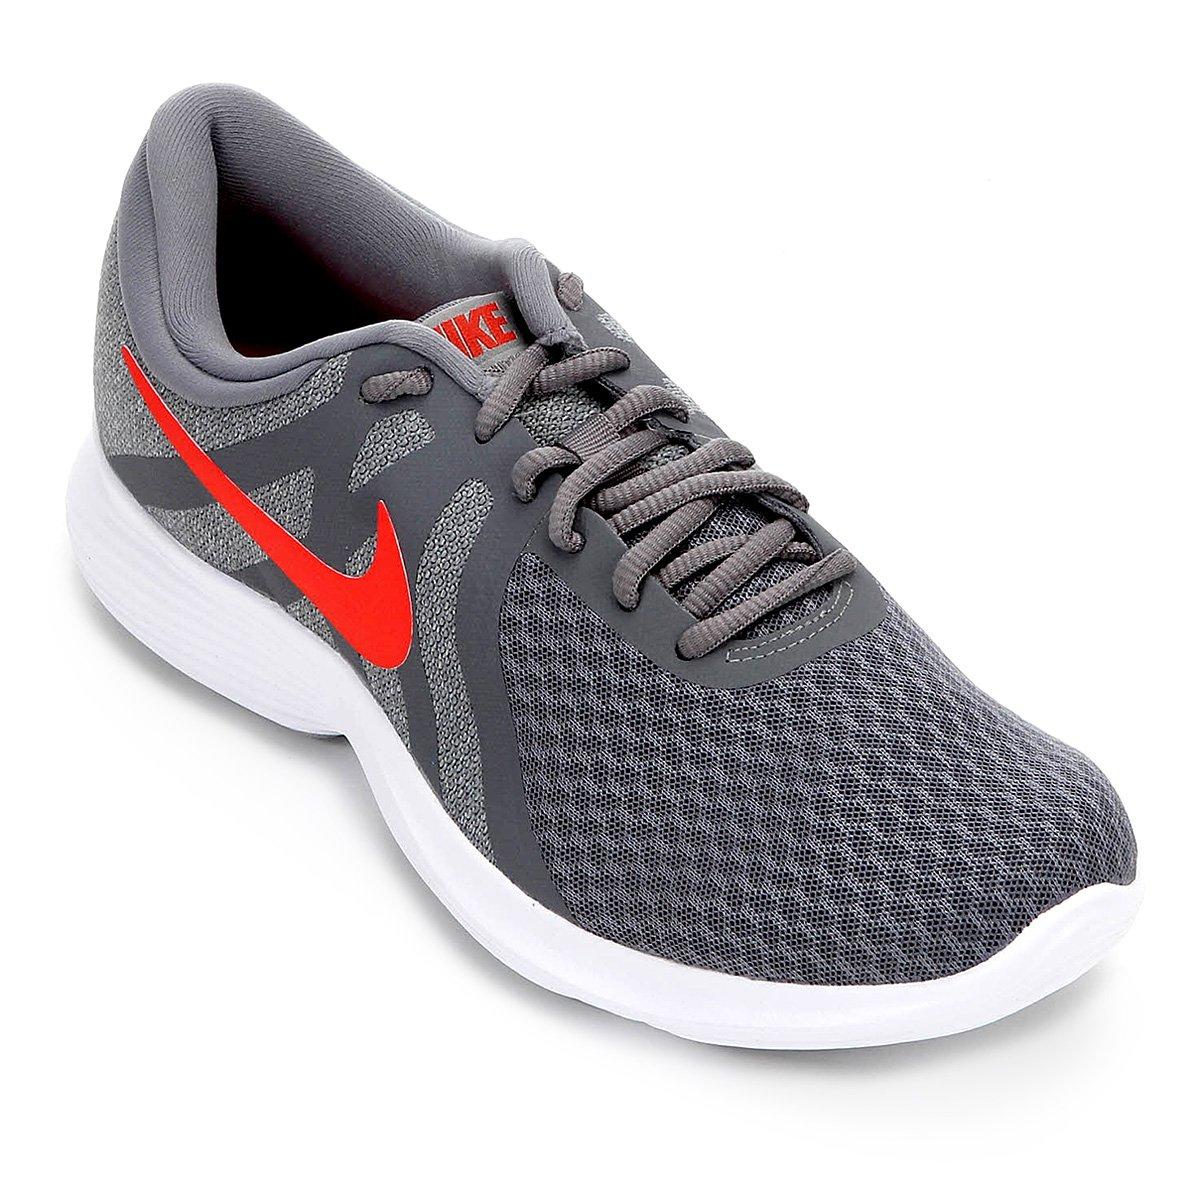 7d88b9580e9 Tênis Nike Revolution 4 Masculino - Cinza e Vermelho - Compre Agora ...